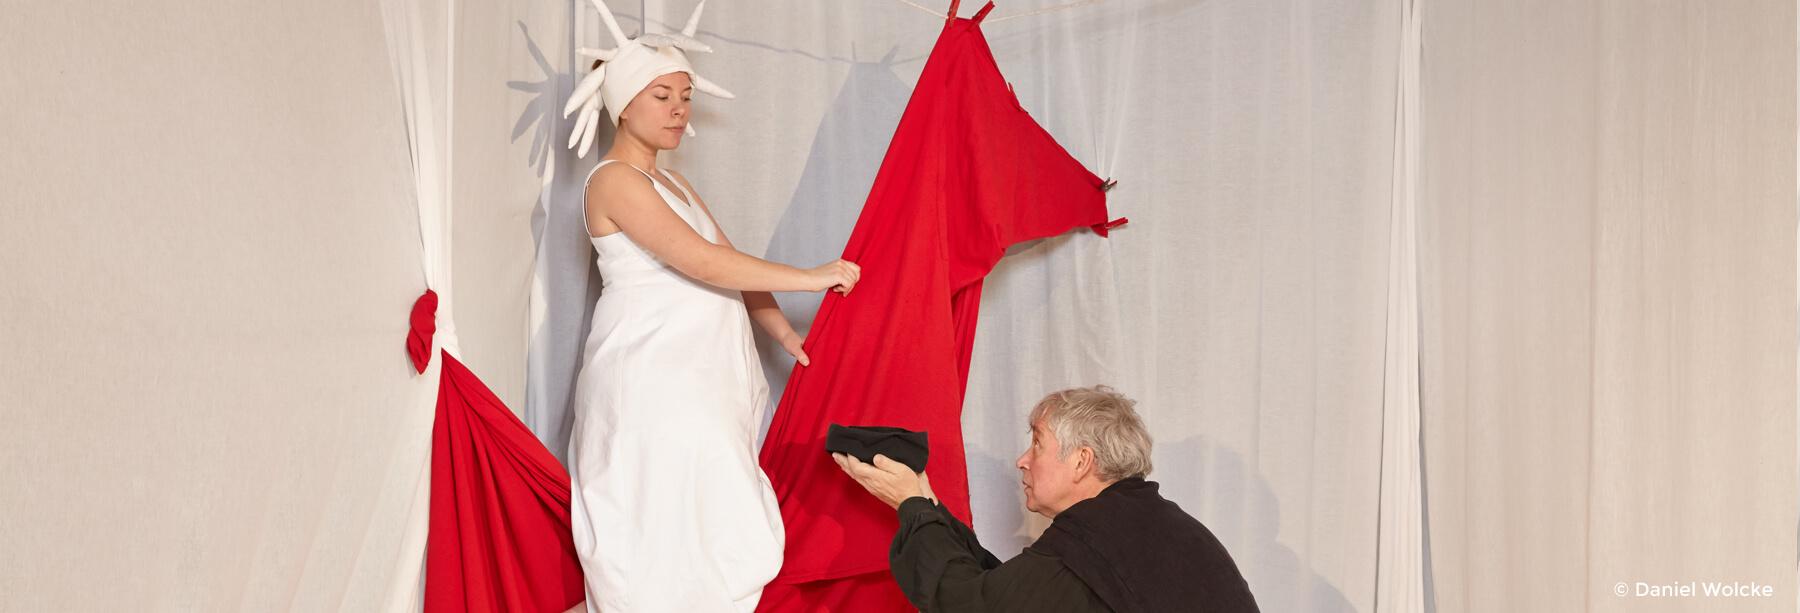 Marcella Amatamia und Peter Markhoff spielen gemeinsam in dem Theaterstück Die Königin der Farben.